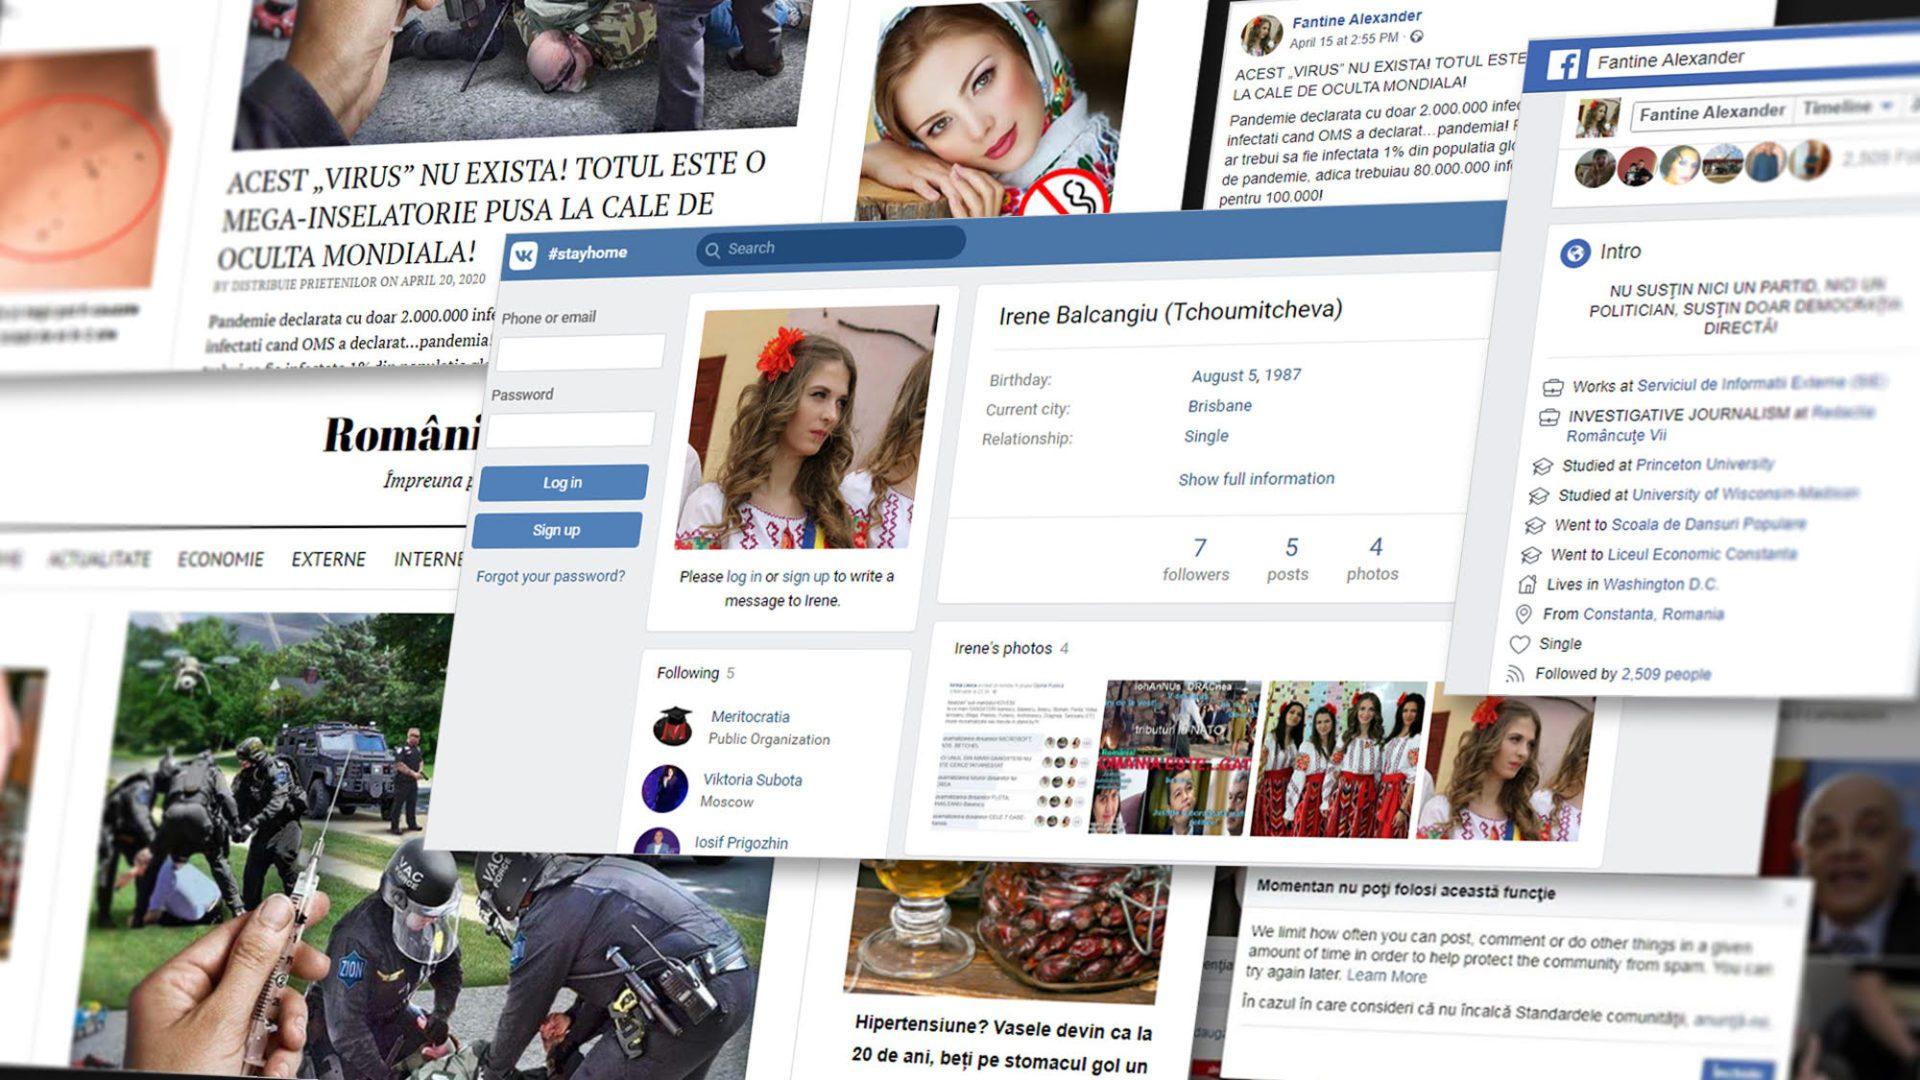 Câte identități poate avea un cont fals de Facebook? Cazul fetei cu ie care promovează teorii ale conspirației